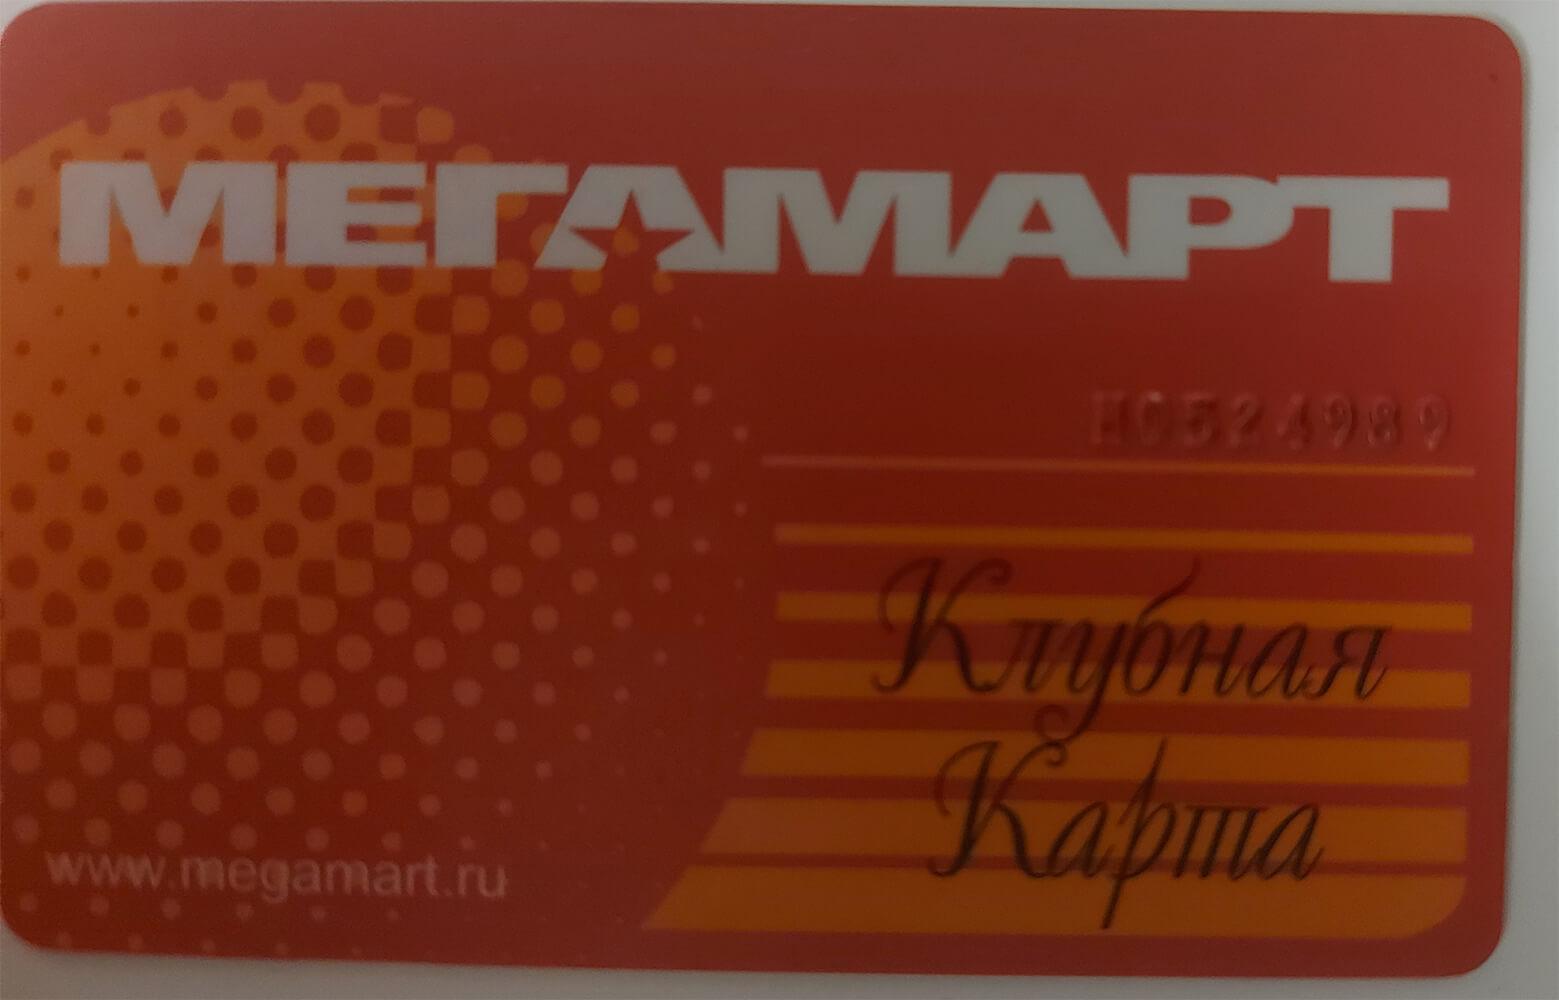 Скидочная карта Мегамарт: штрих код и номер.